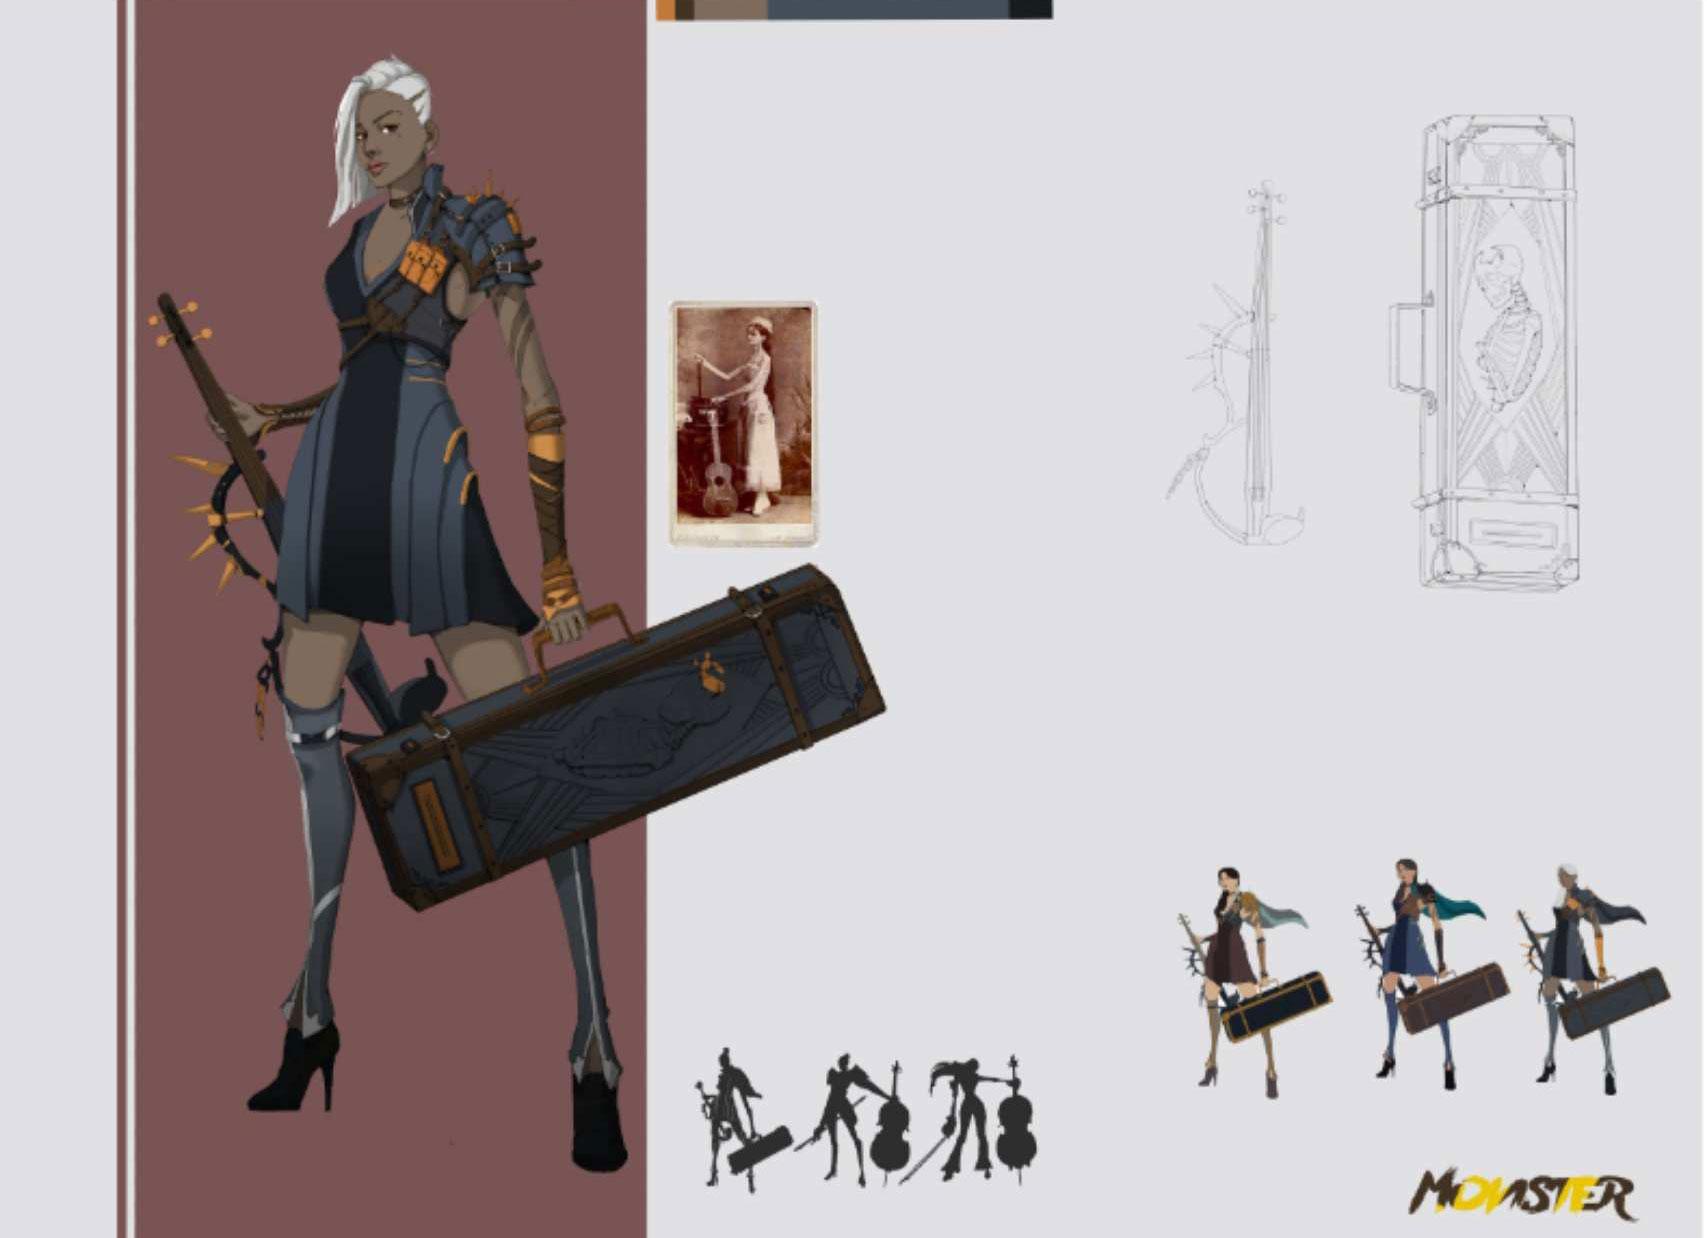 游戏原画设计 角色设计 吉祥物设计